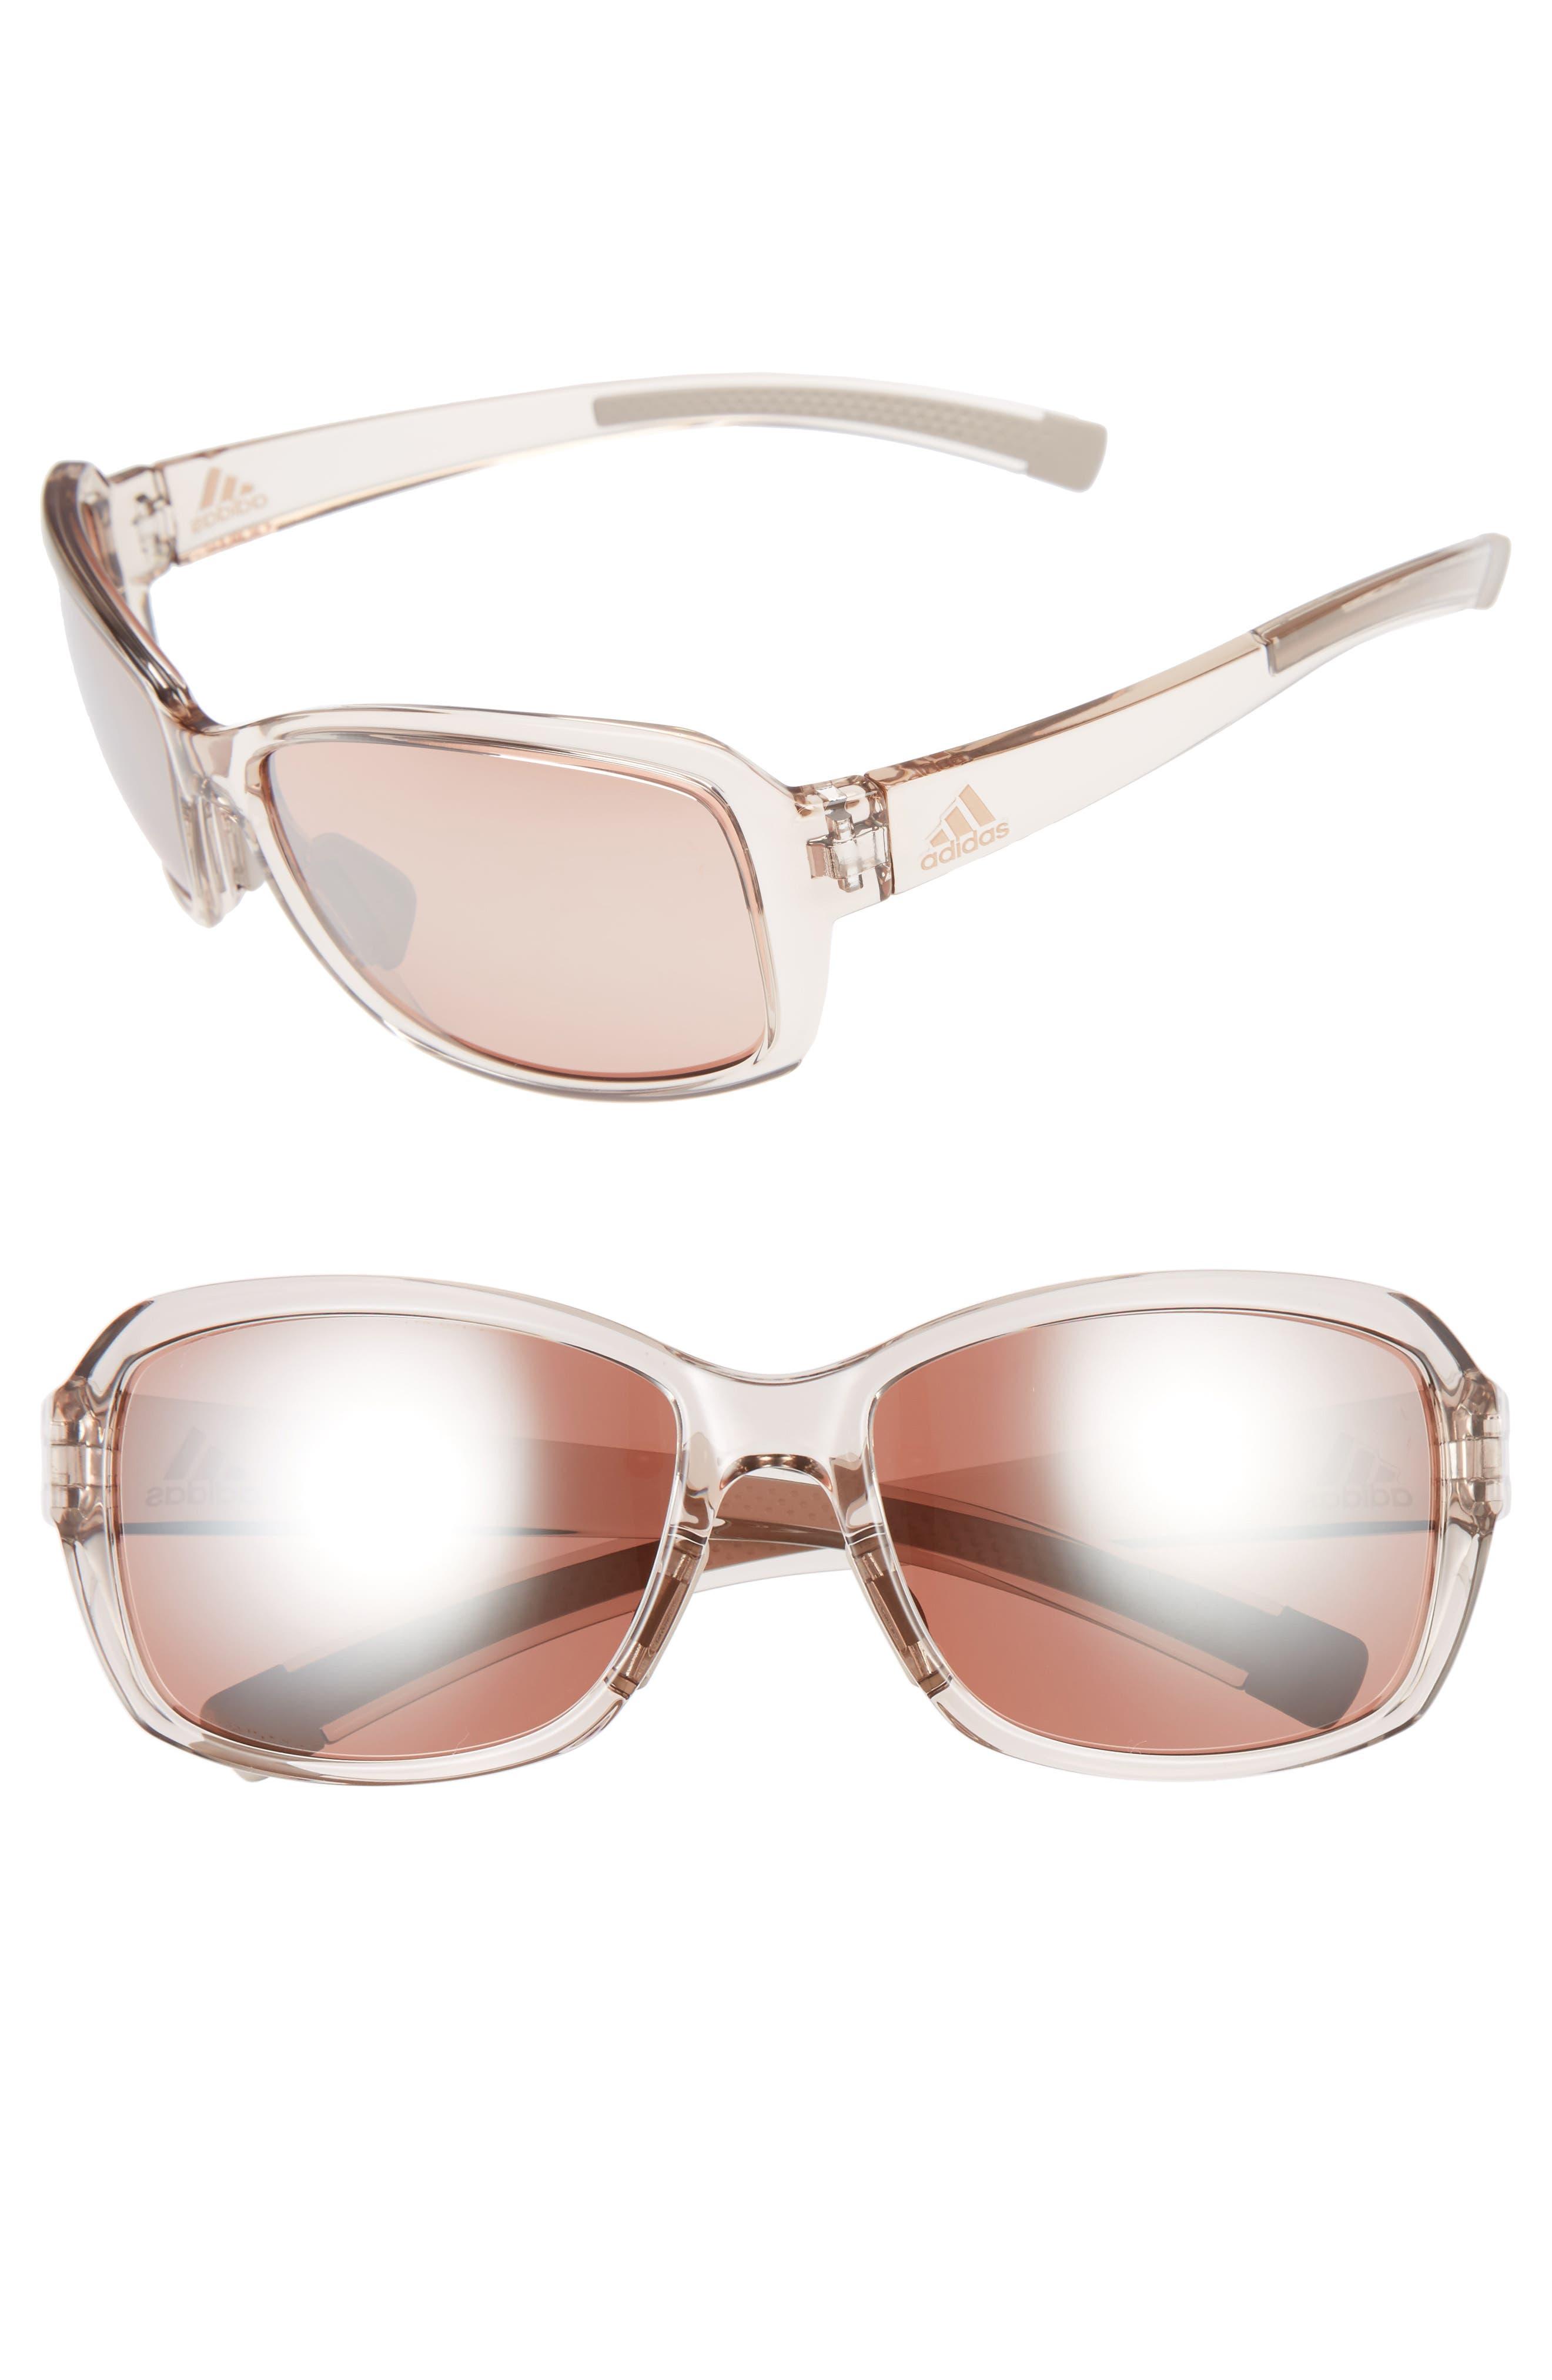 Baboa 58mm Sunglasses,                             Main thumbnail 2, color,